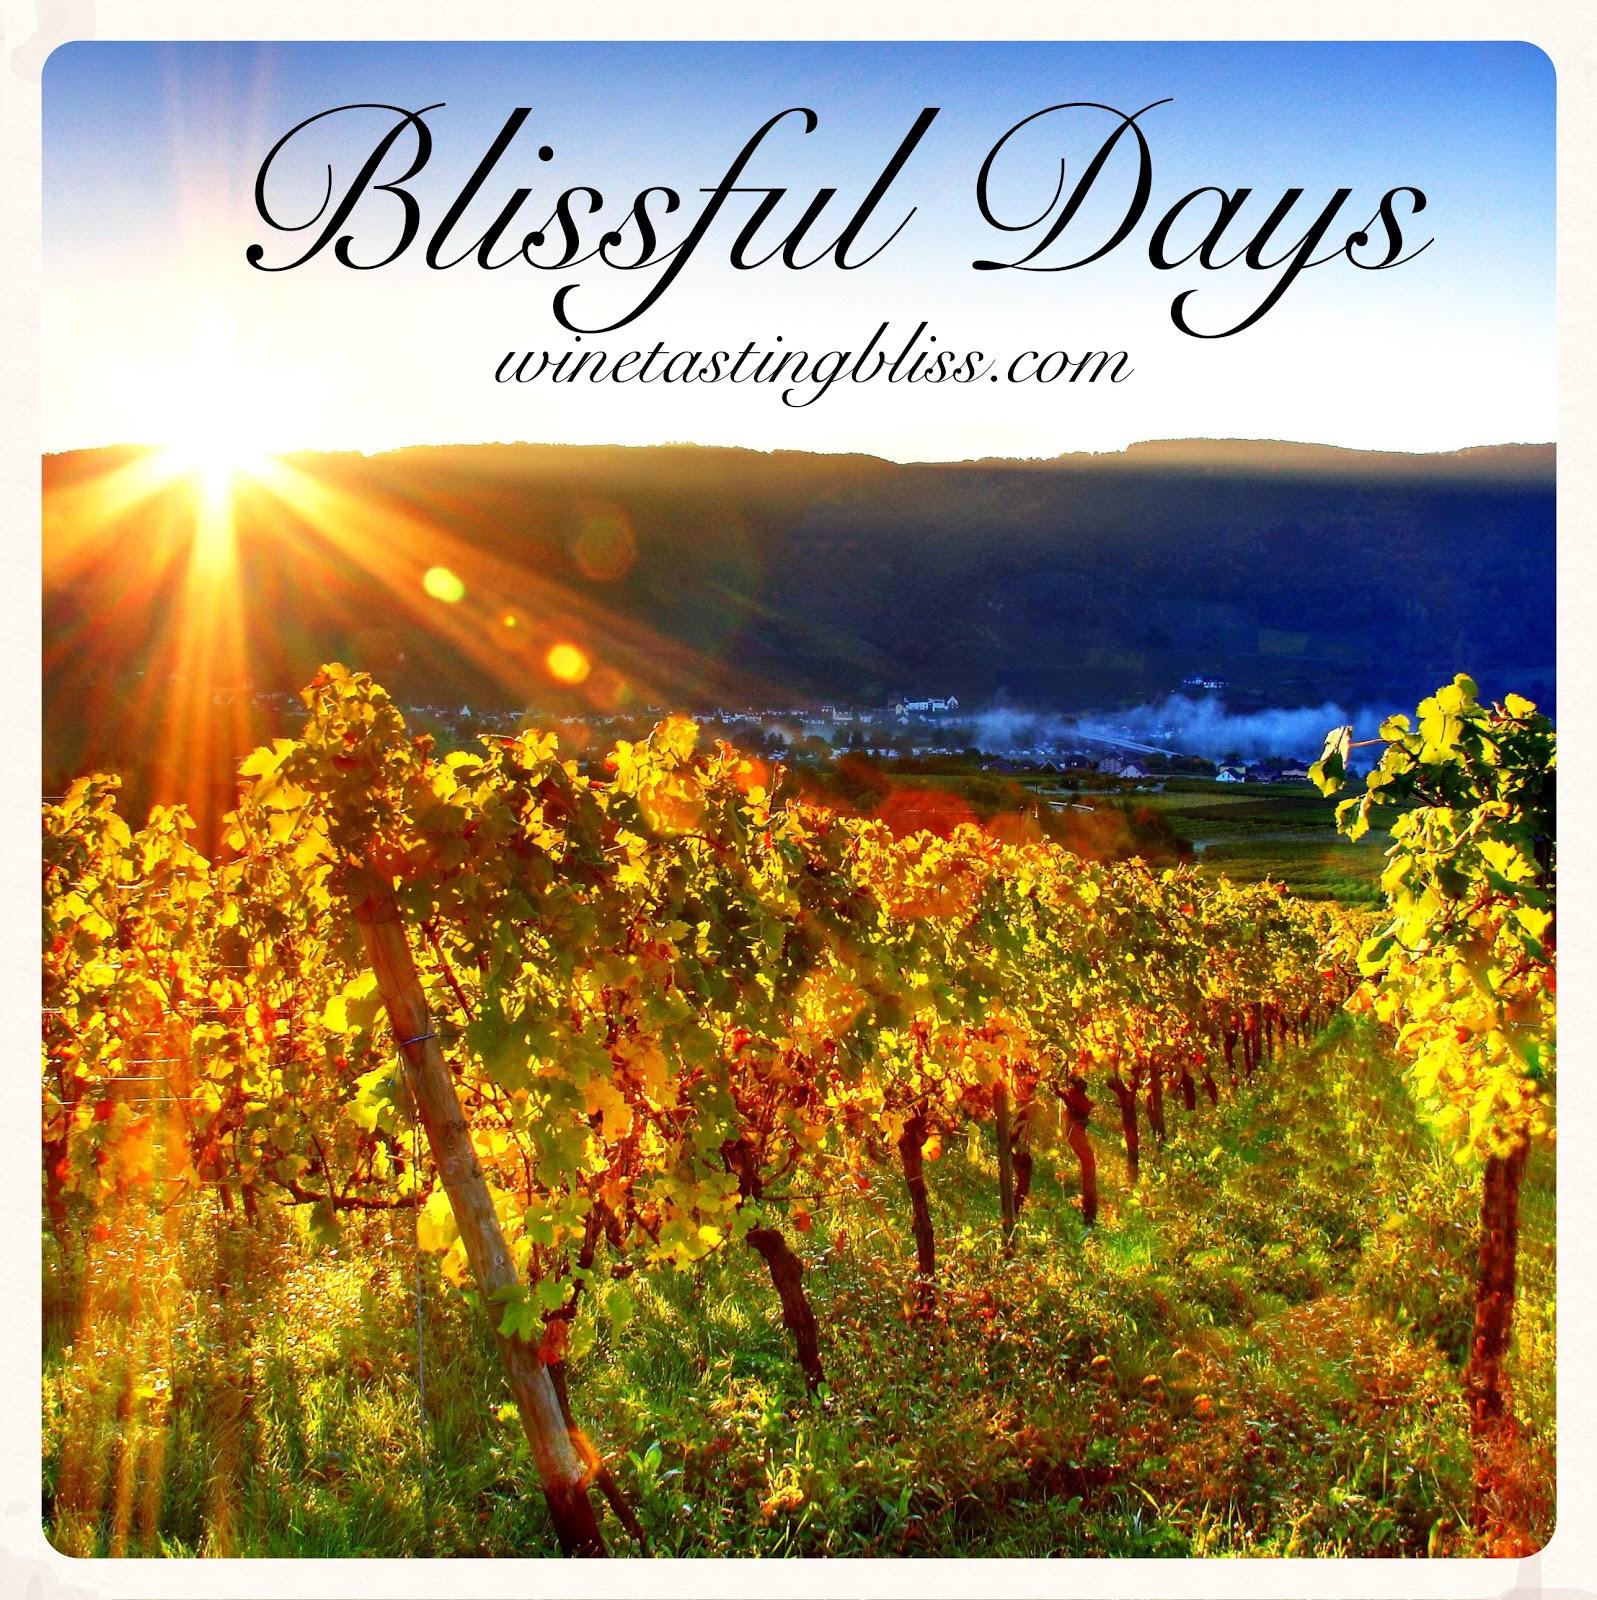 Blissful Days: Salami Day